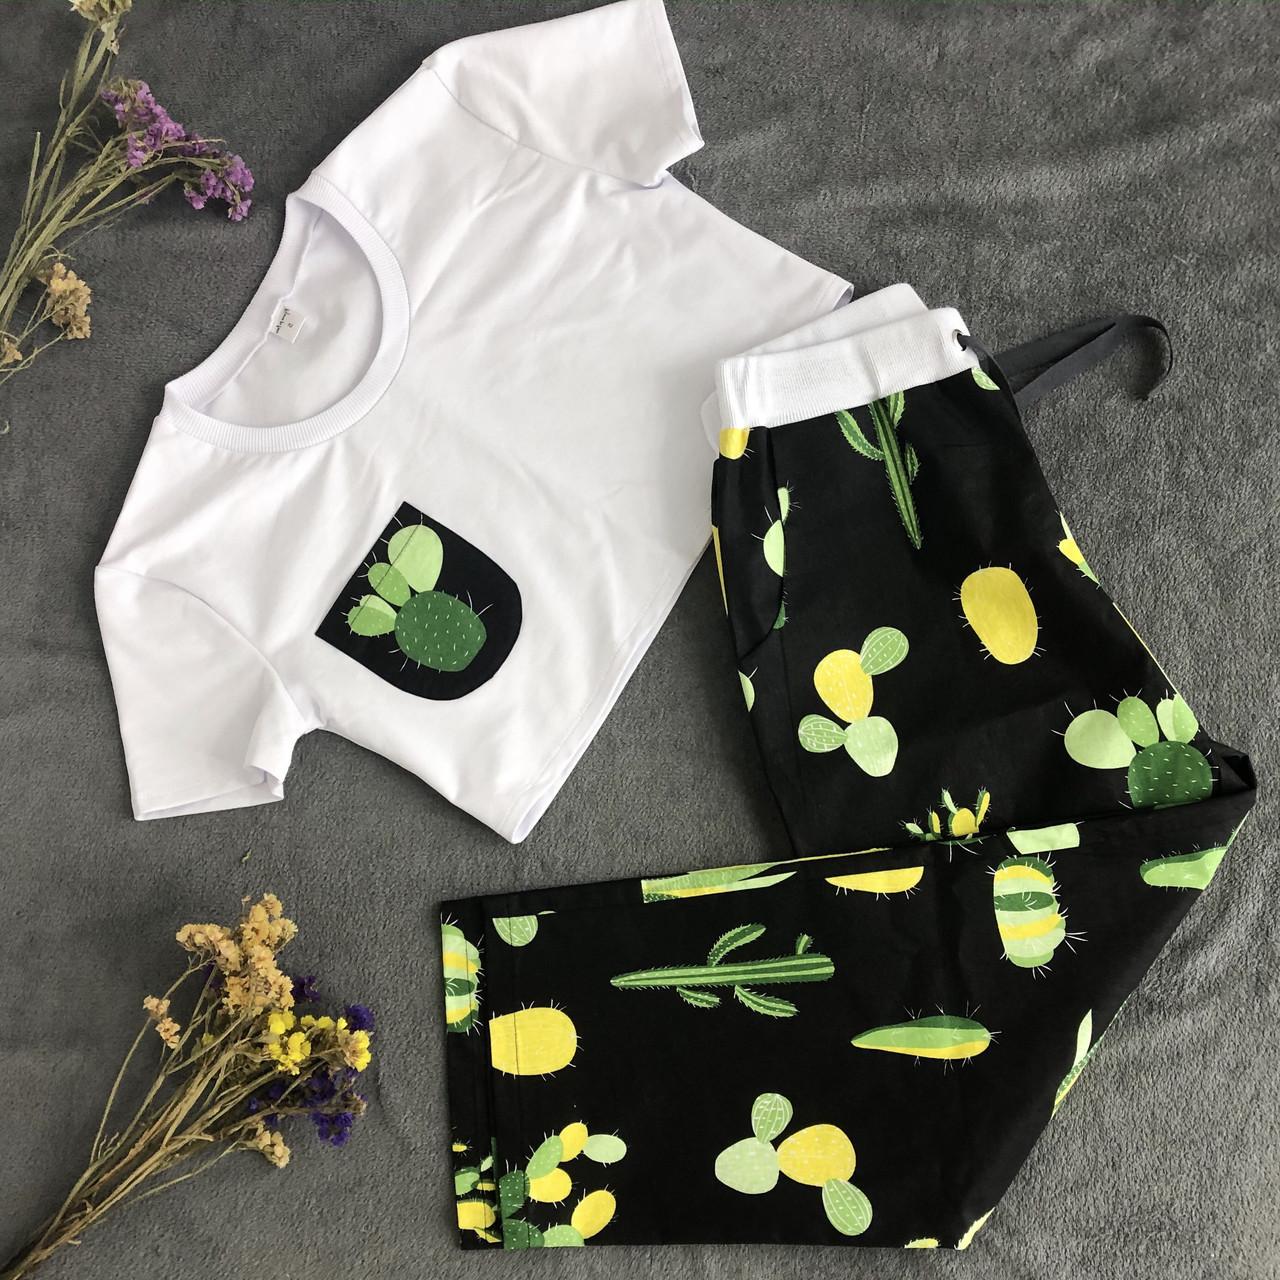 Женский домашний костюм, женская пижама (футболка и брюки) черно-белая Кактусы, размер M